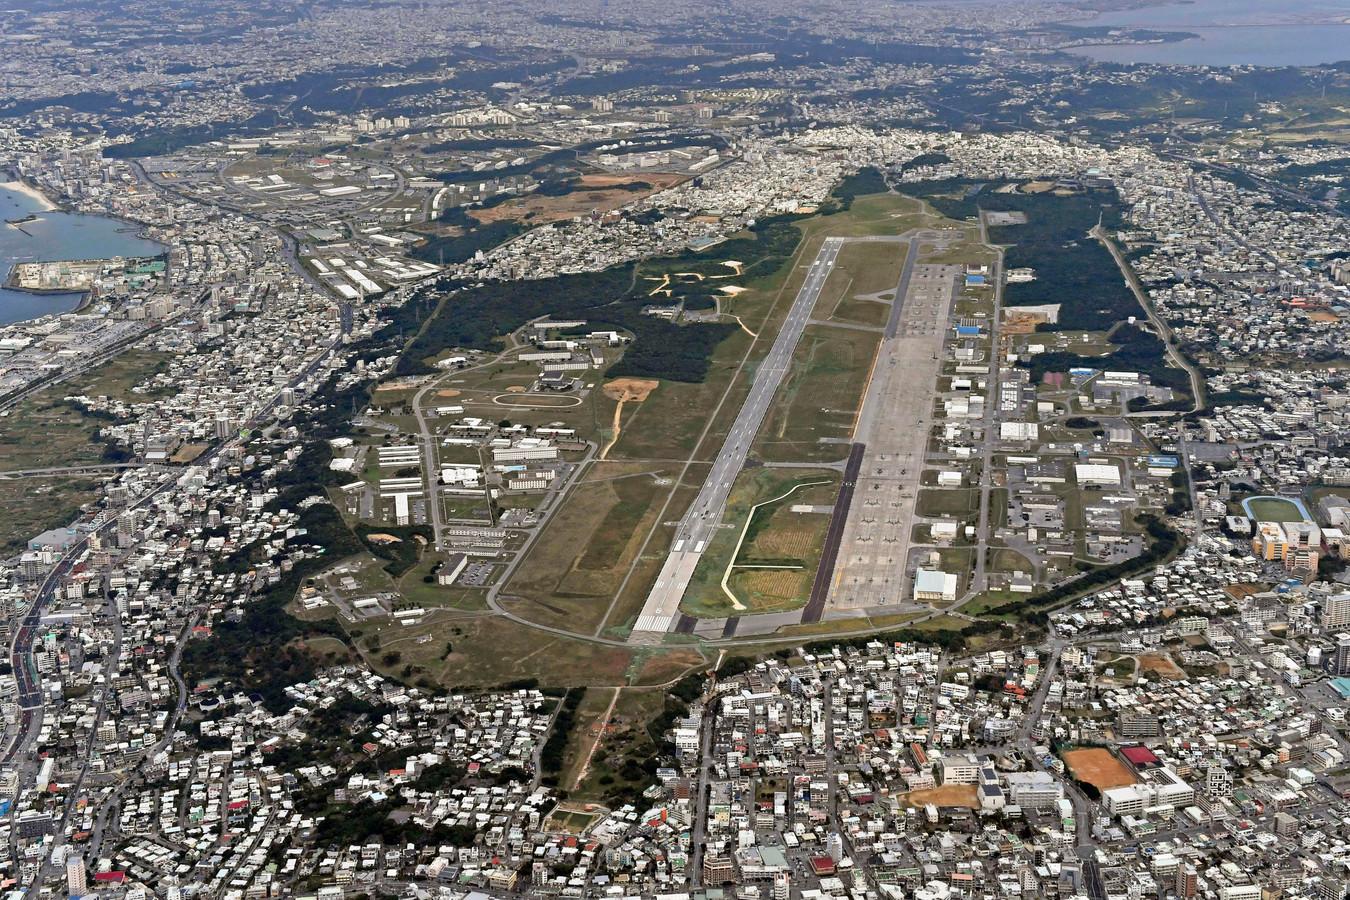 De Amerikaanse luchtmachtbasis Futenma zou te maken hebben met een virusuitbraak.